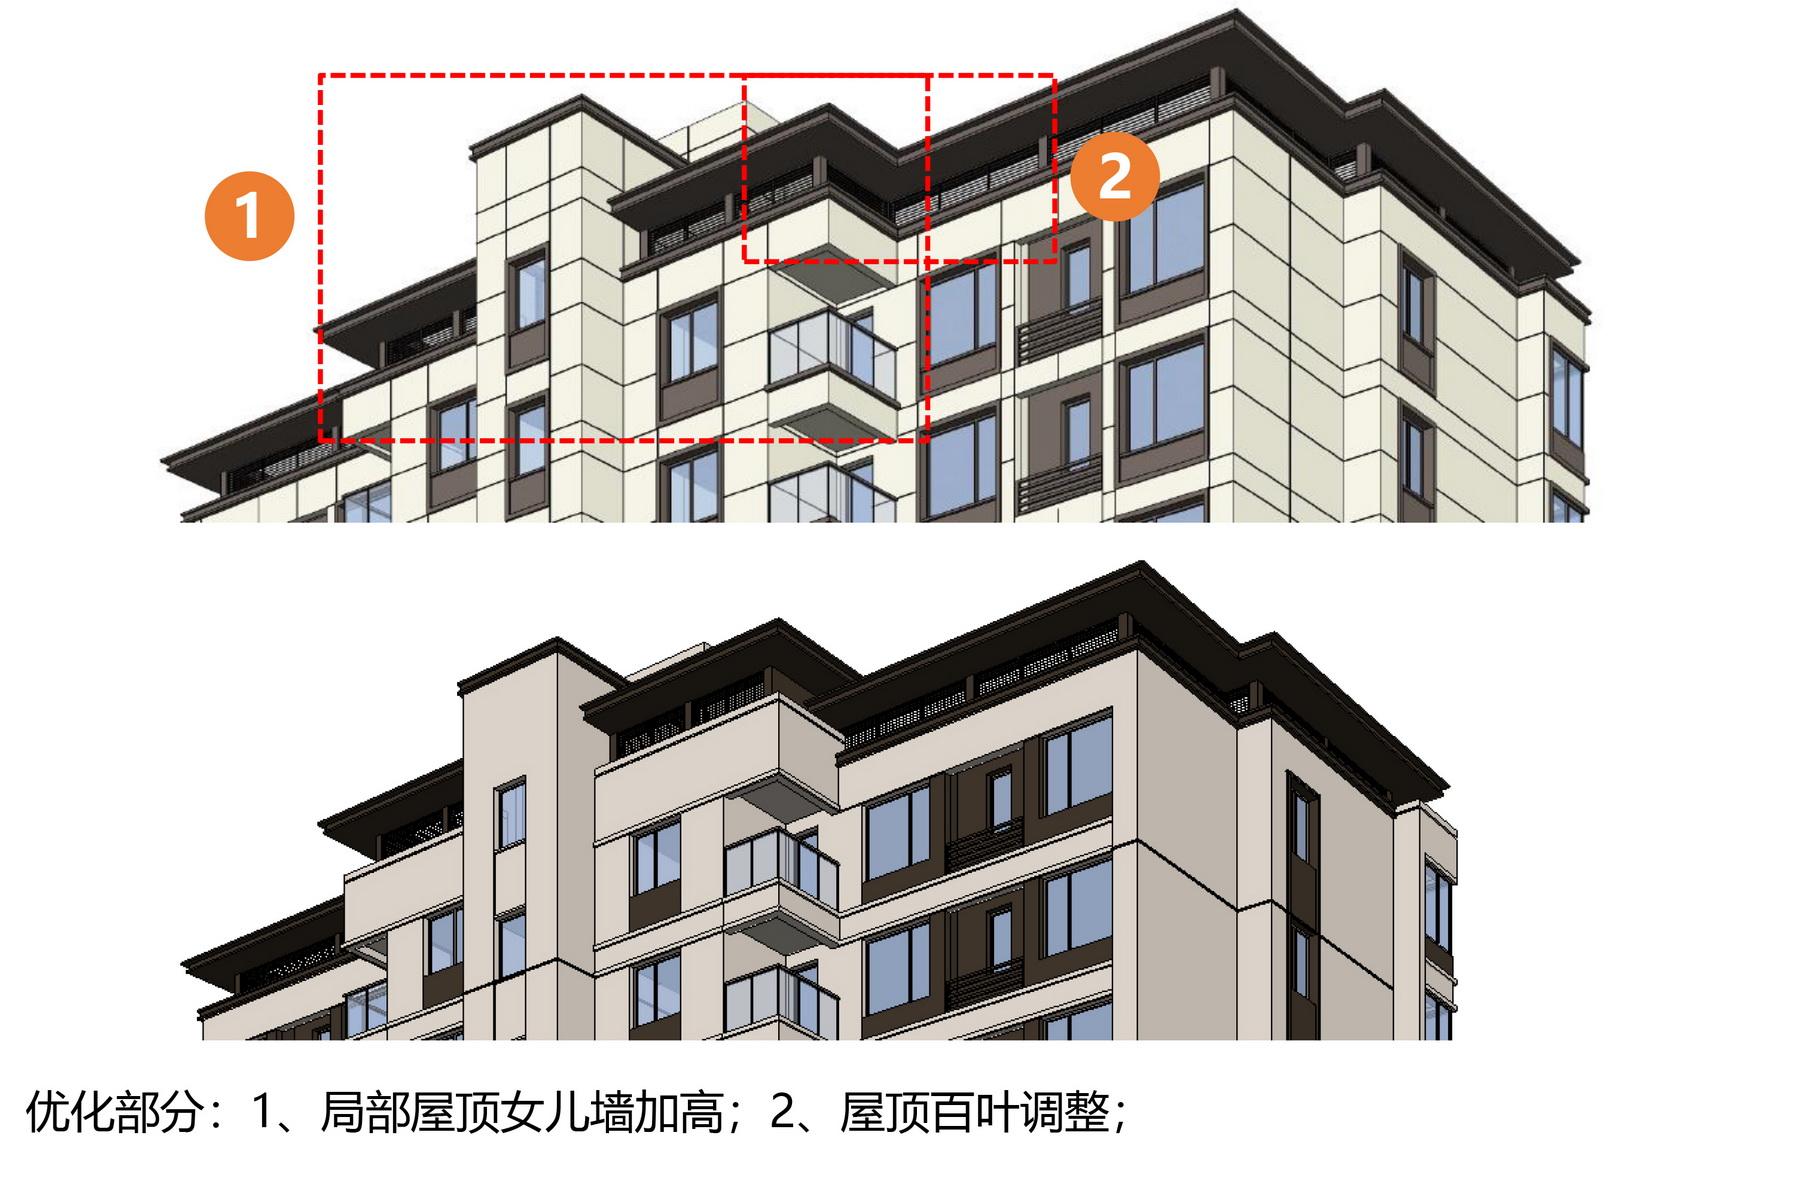 长沙华润·翡翠府 建筑设计 / 森磊设计